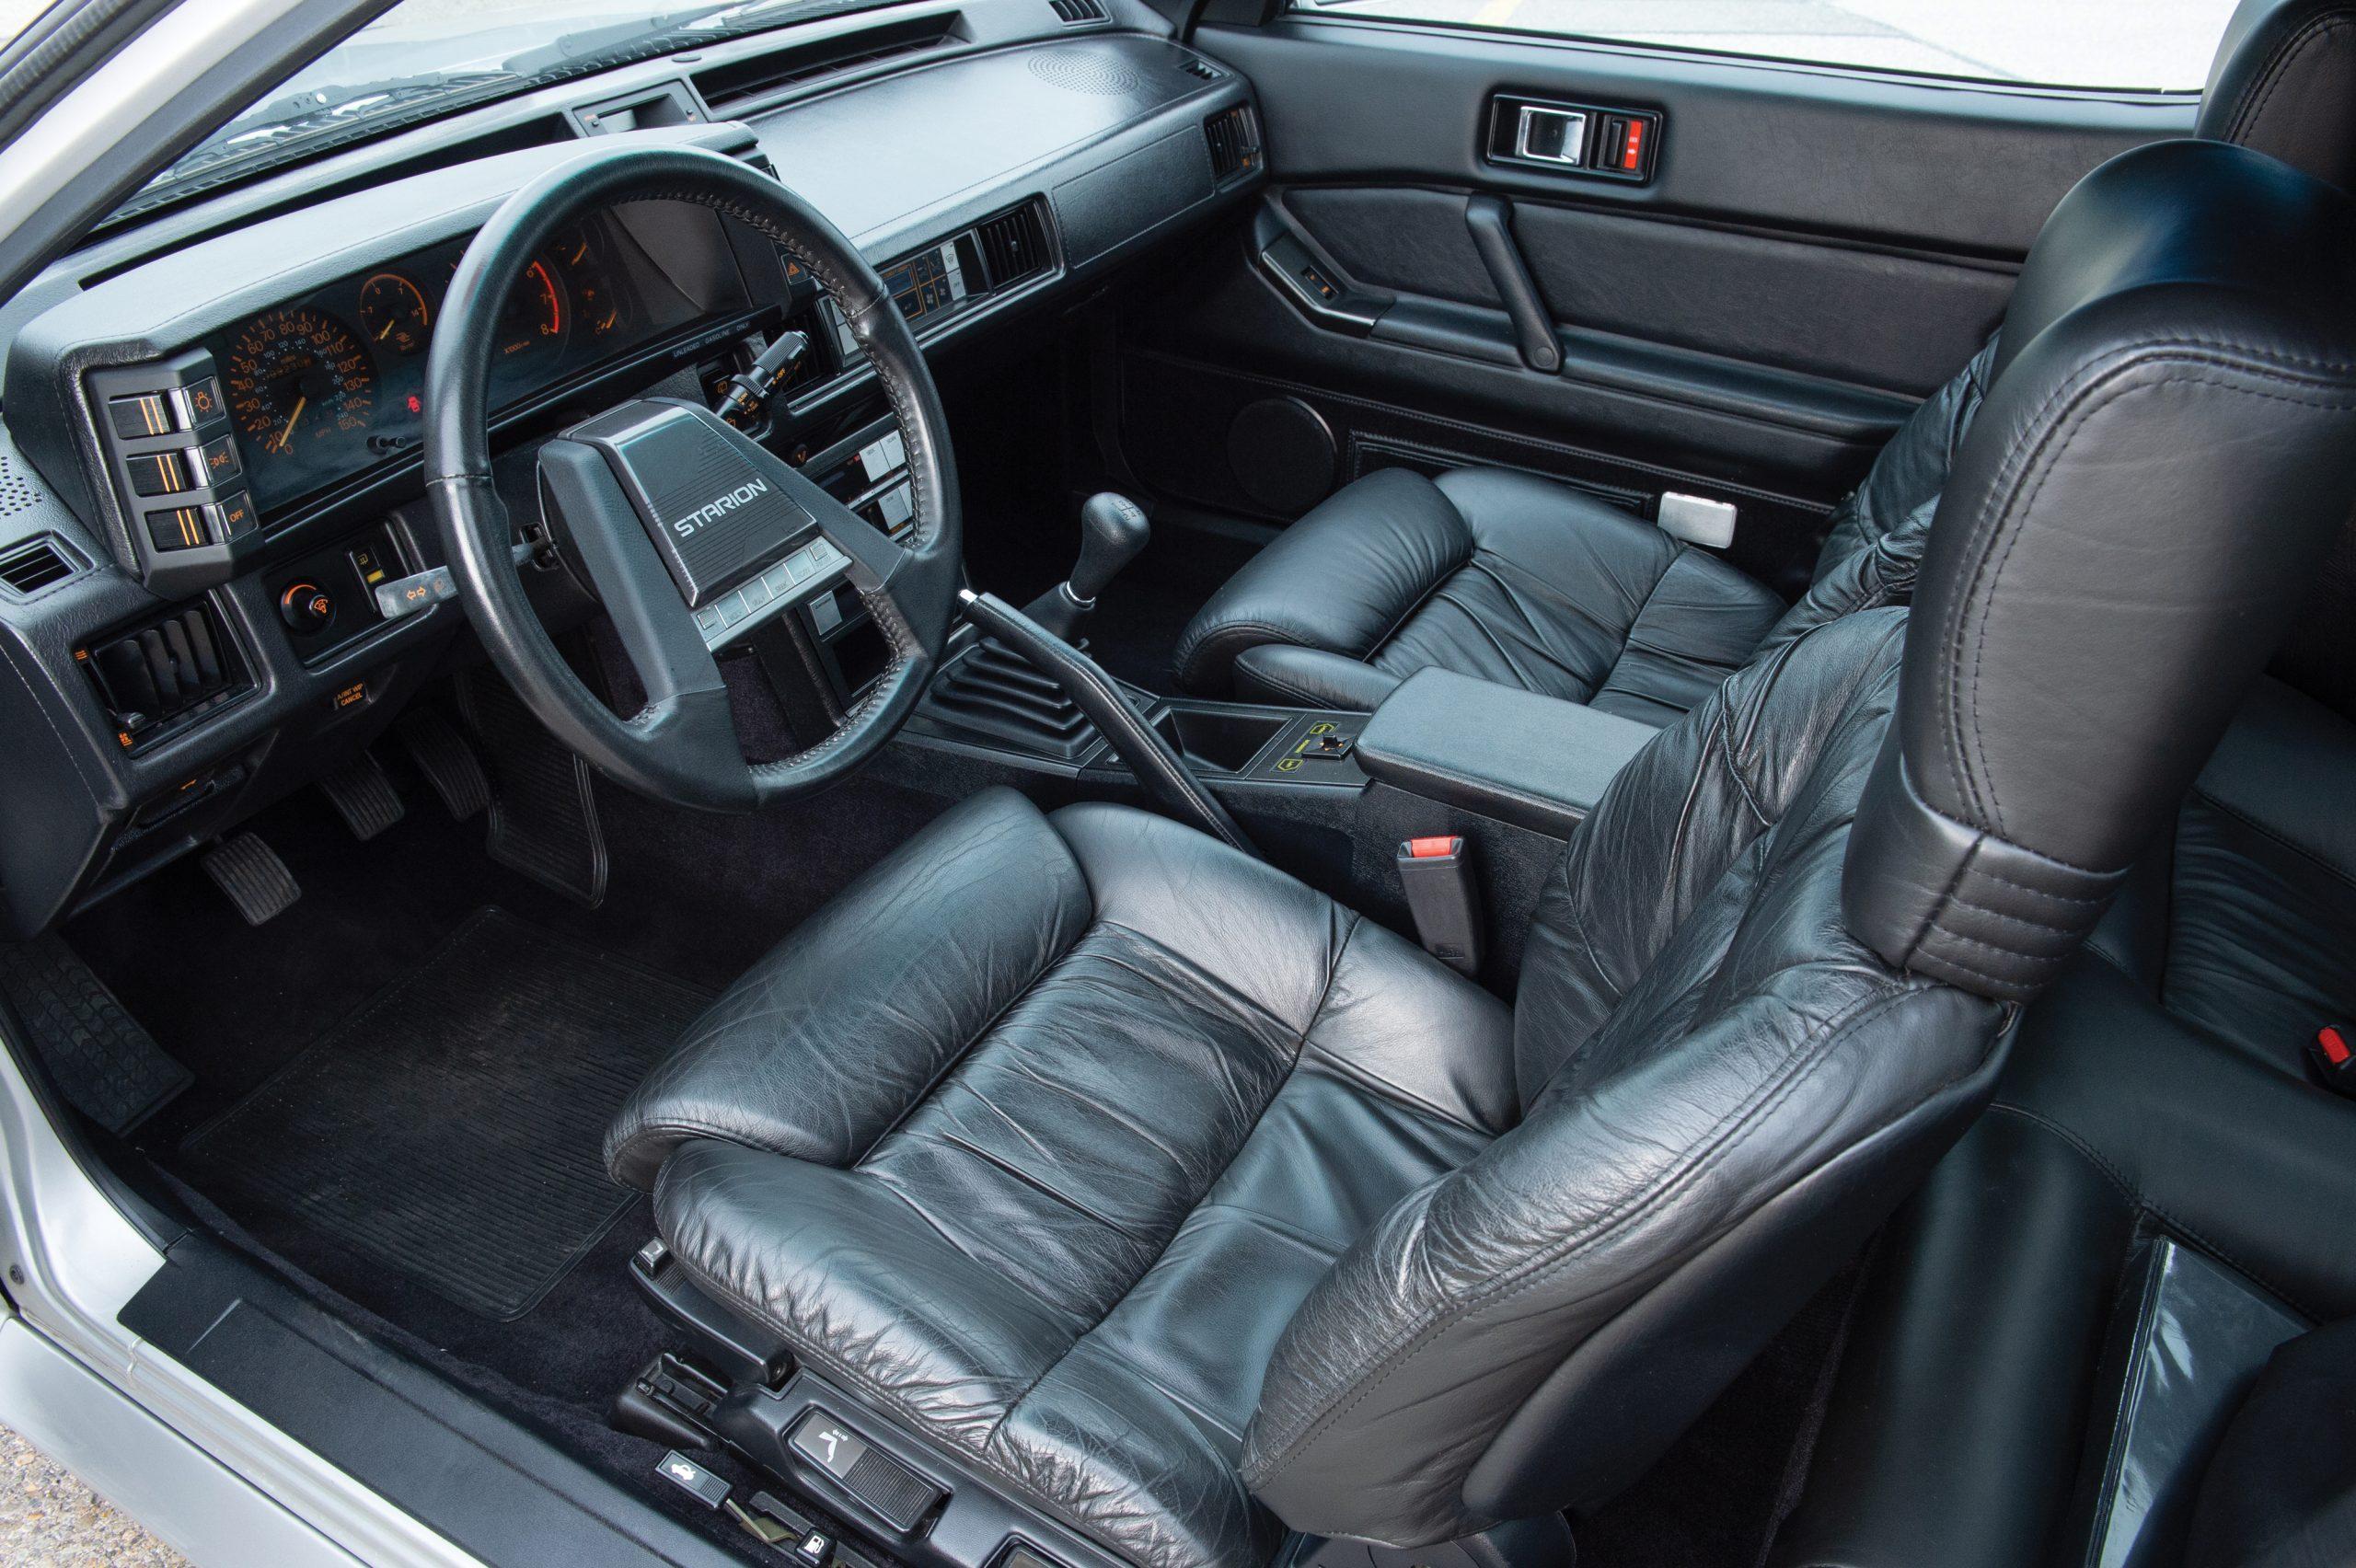 1986 Mitsubishi Starion ESI R